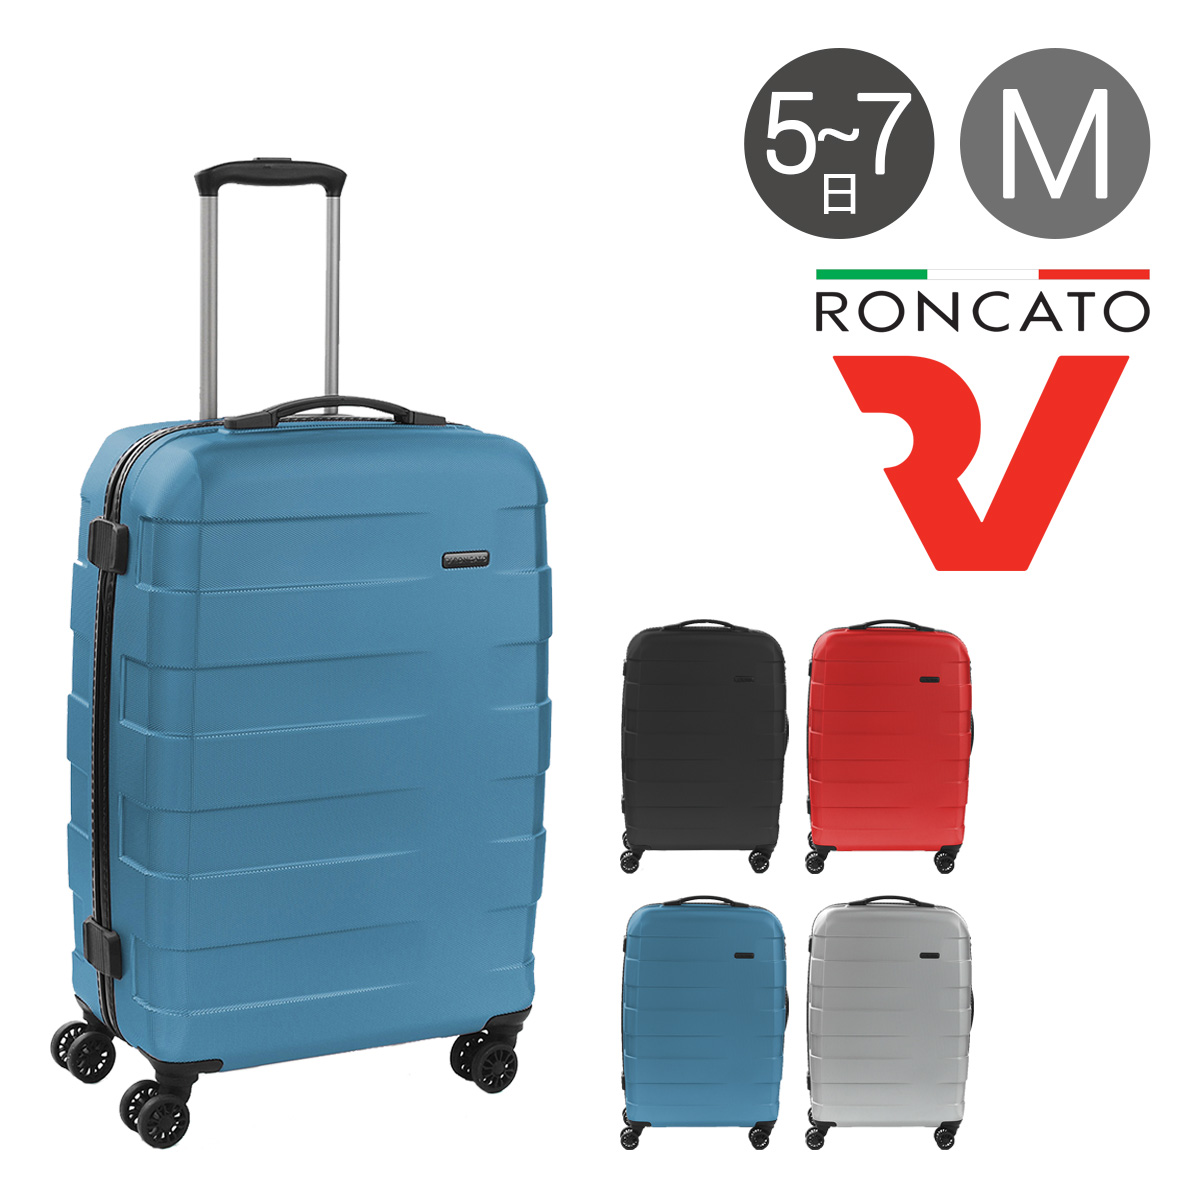 ロンカ-ト スーツケース 68L 60cm 2.8kg ハード ファスナー アールブイ・エイティーン 5802 イタリア製 RONCATO RV-18 | キャリーケース 軽量 TSAロック搭載 5年保証[bef]